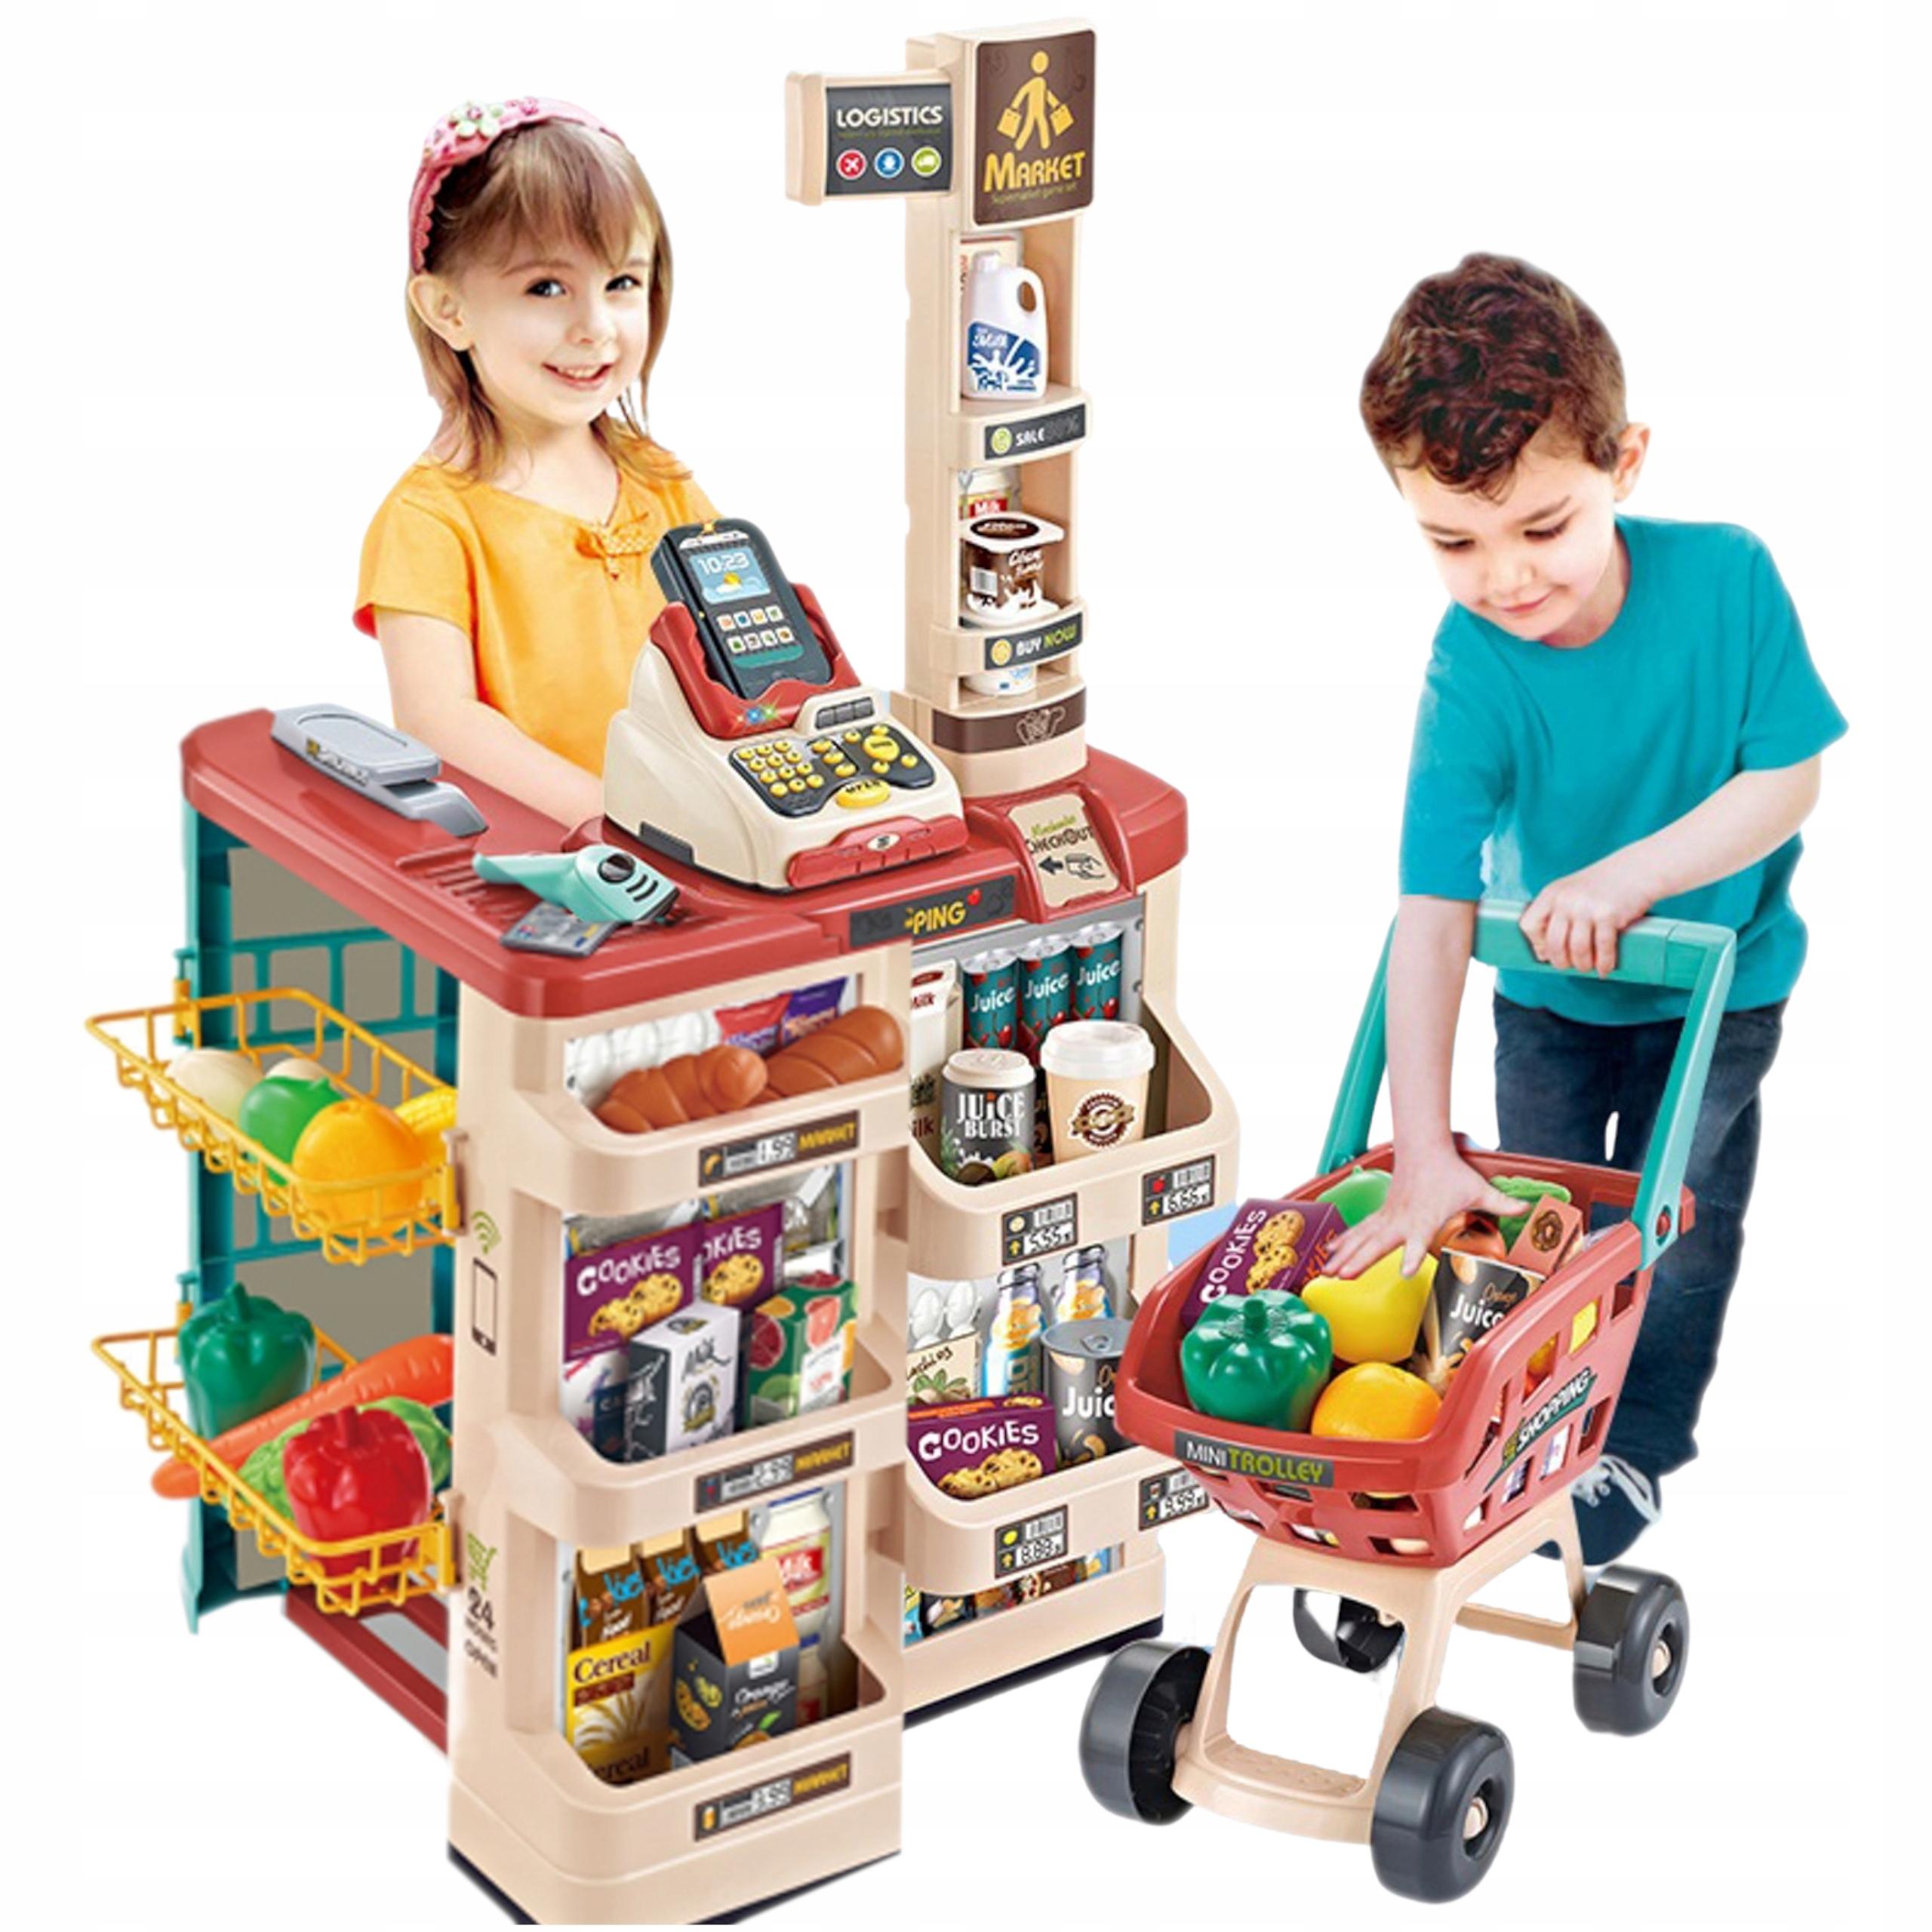 Supermarket wózek na zakupy kasa czytnik 668-78 Materiał Plastik Inny